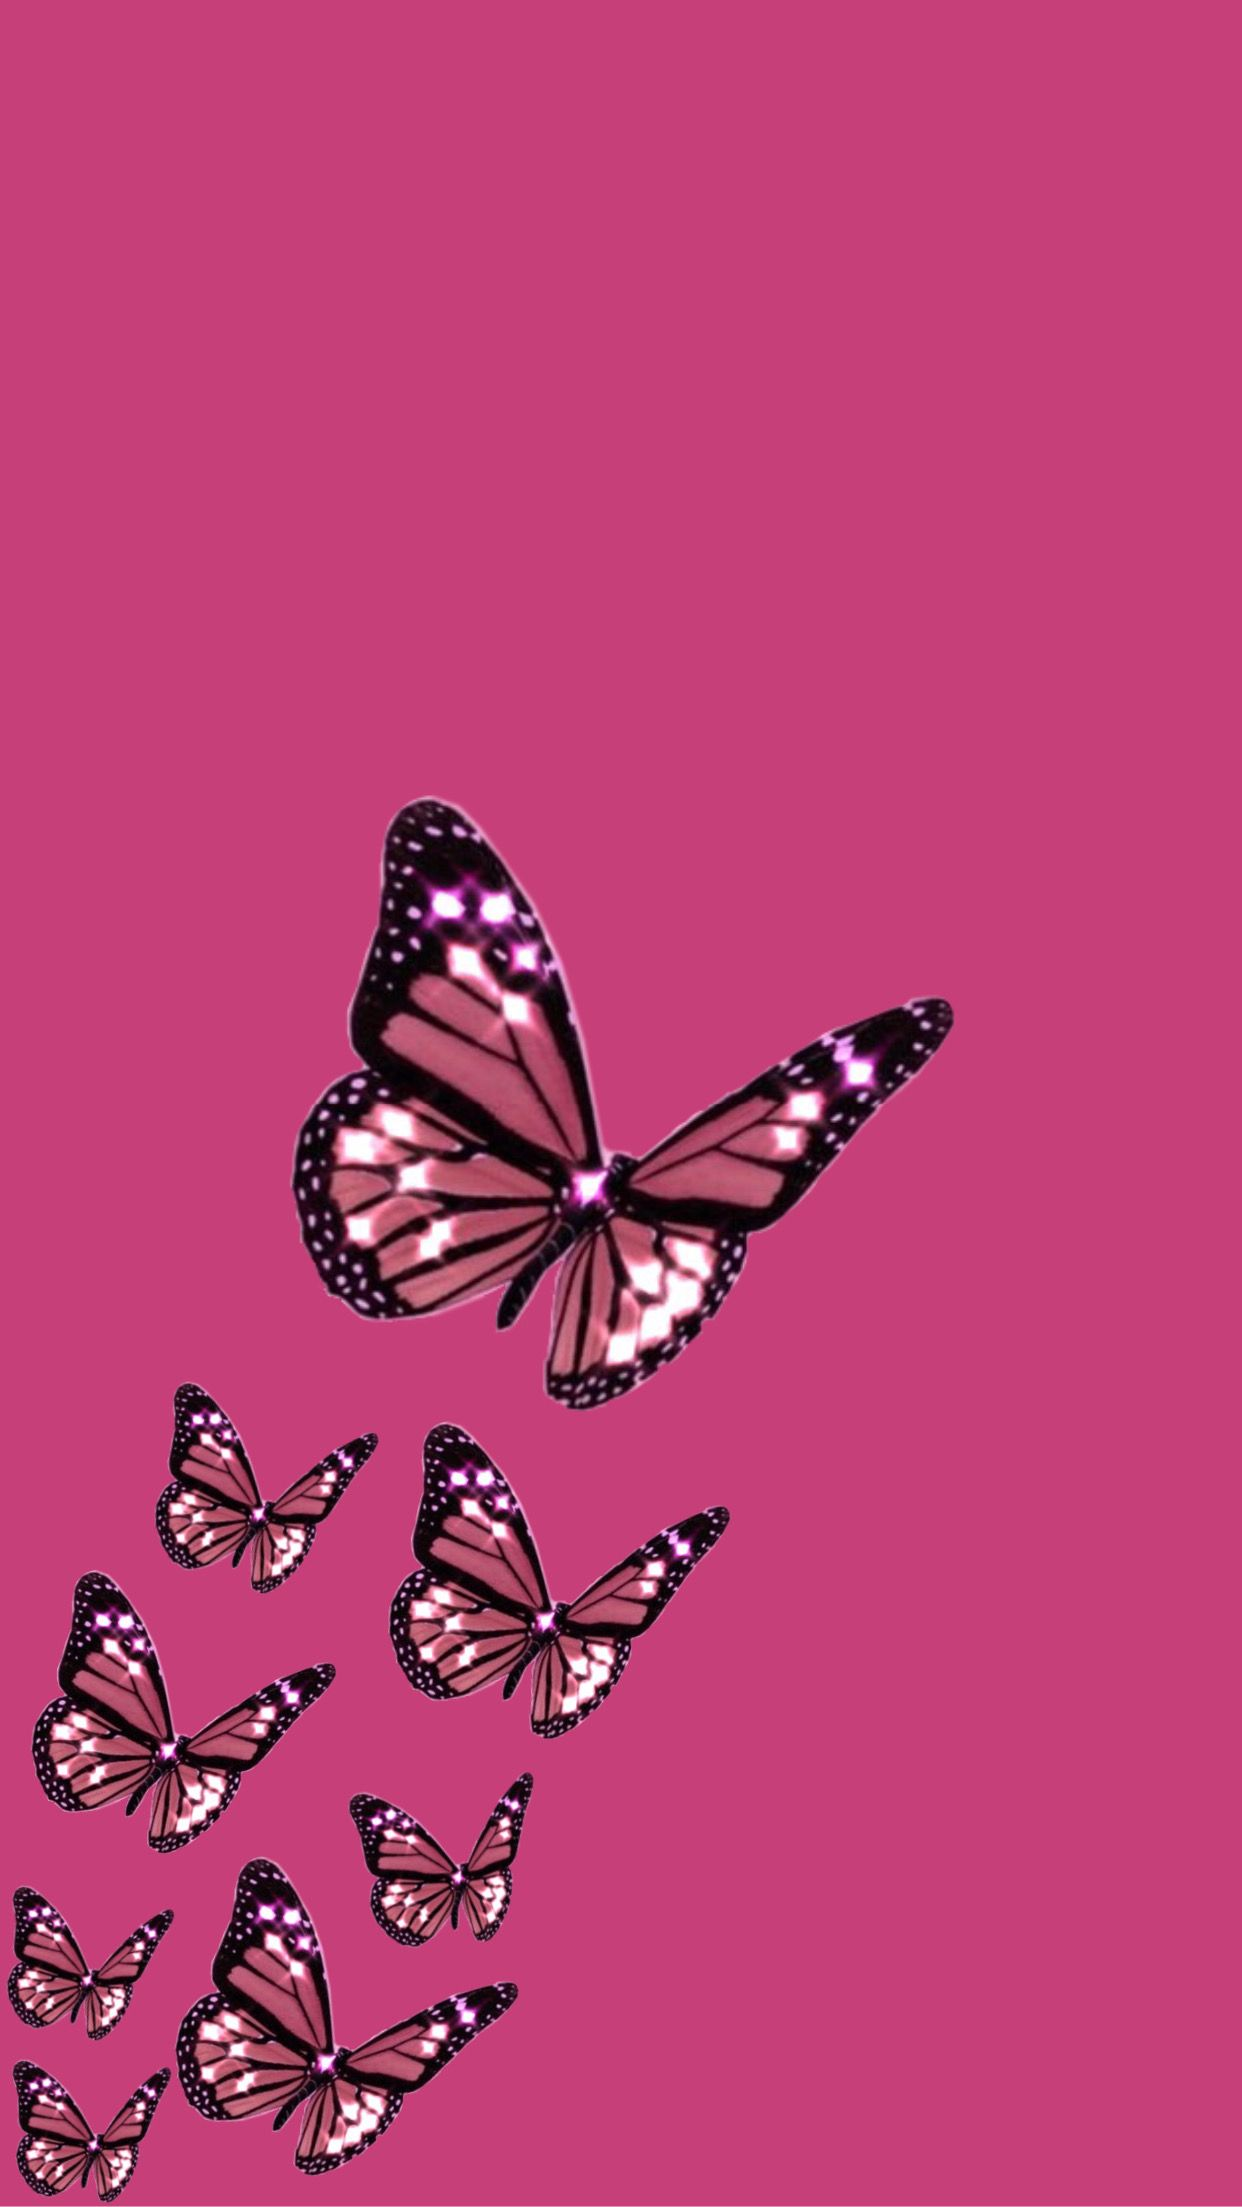 aesthetic blue butterfly emoji